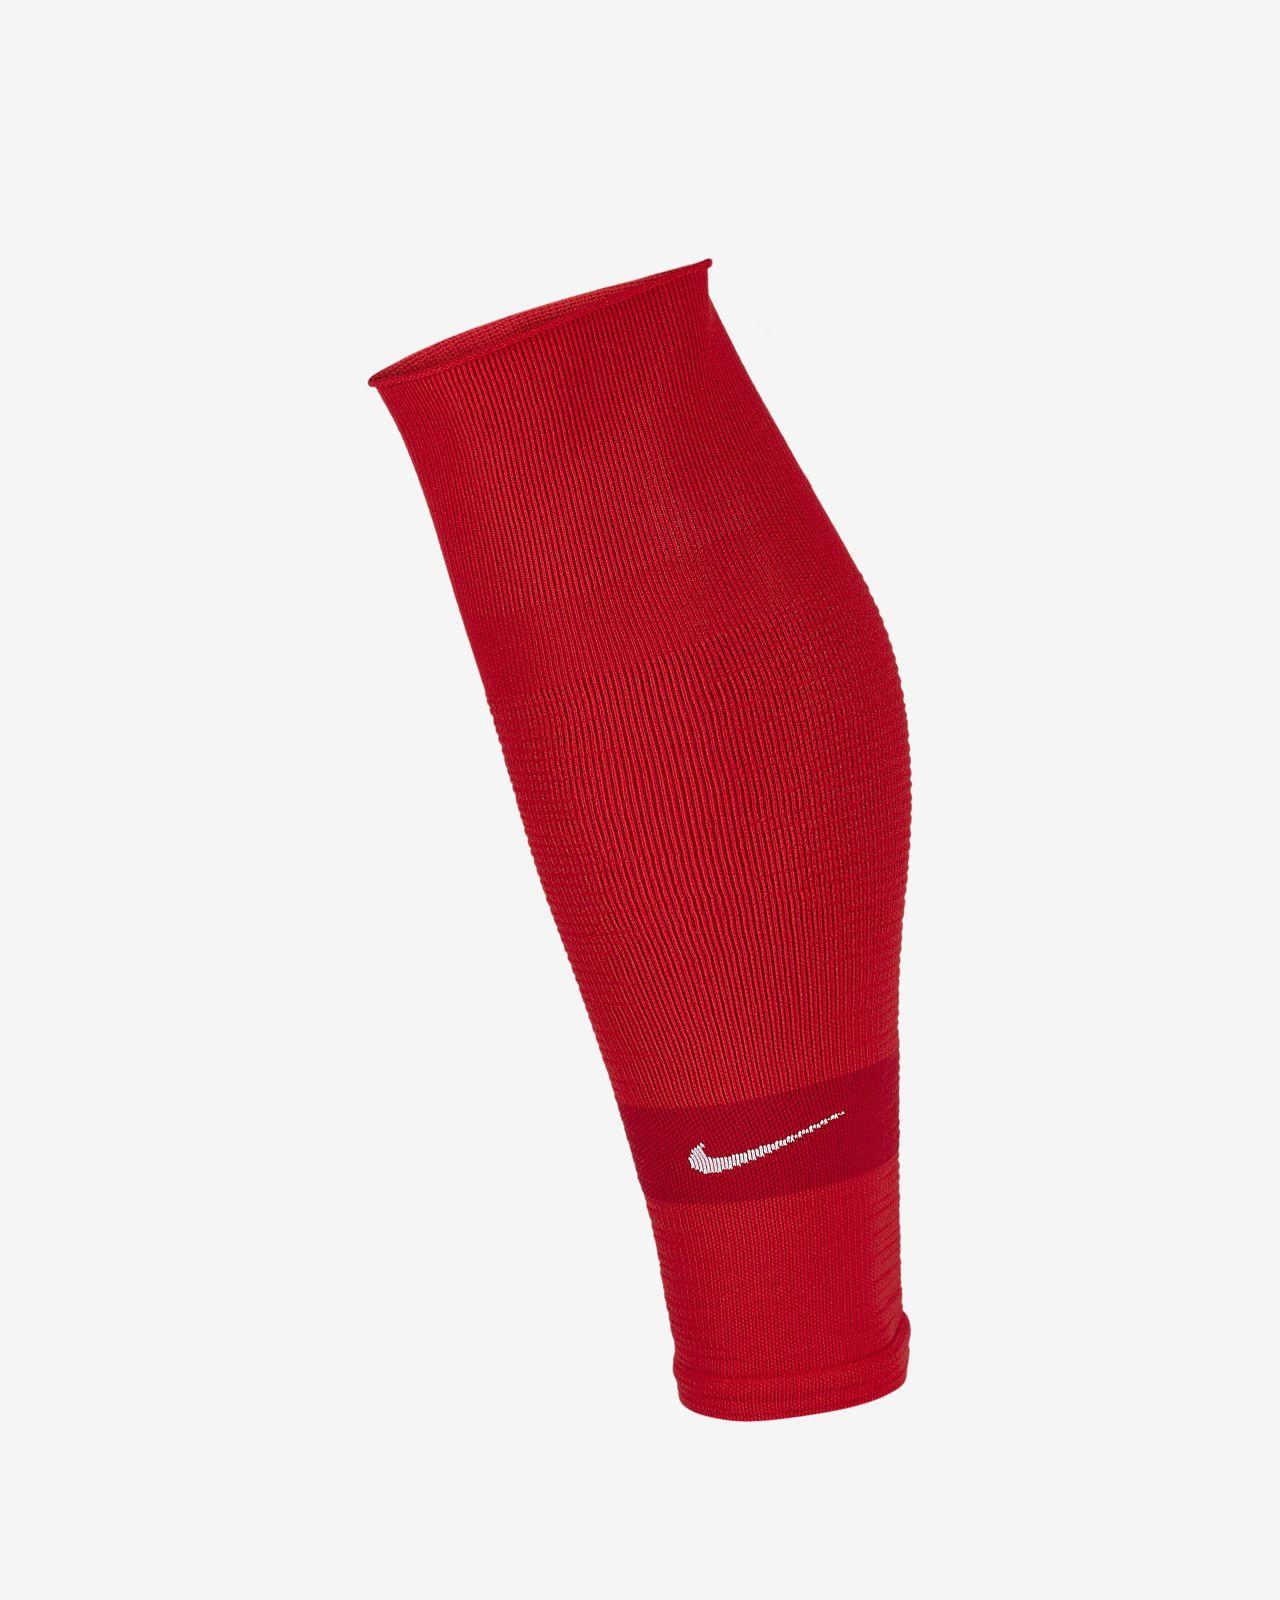 Perneiras de futebol Nike Strike